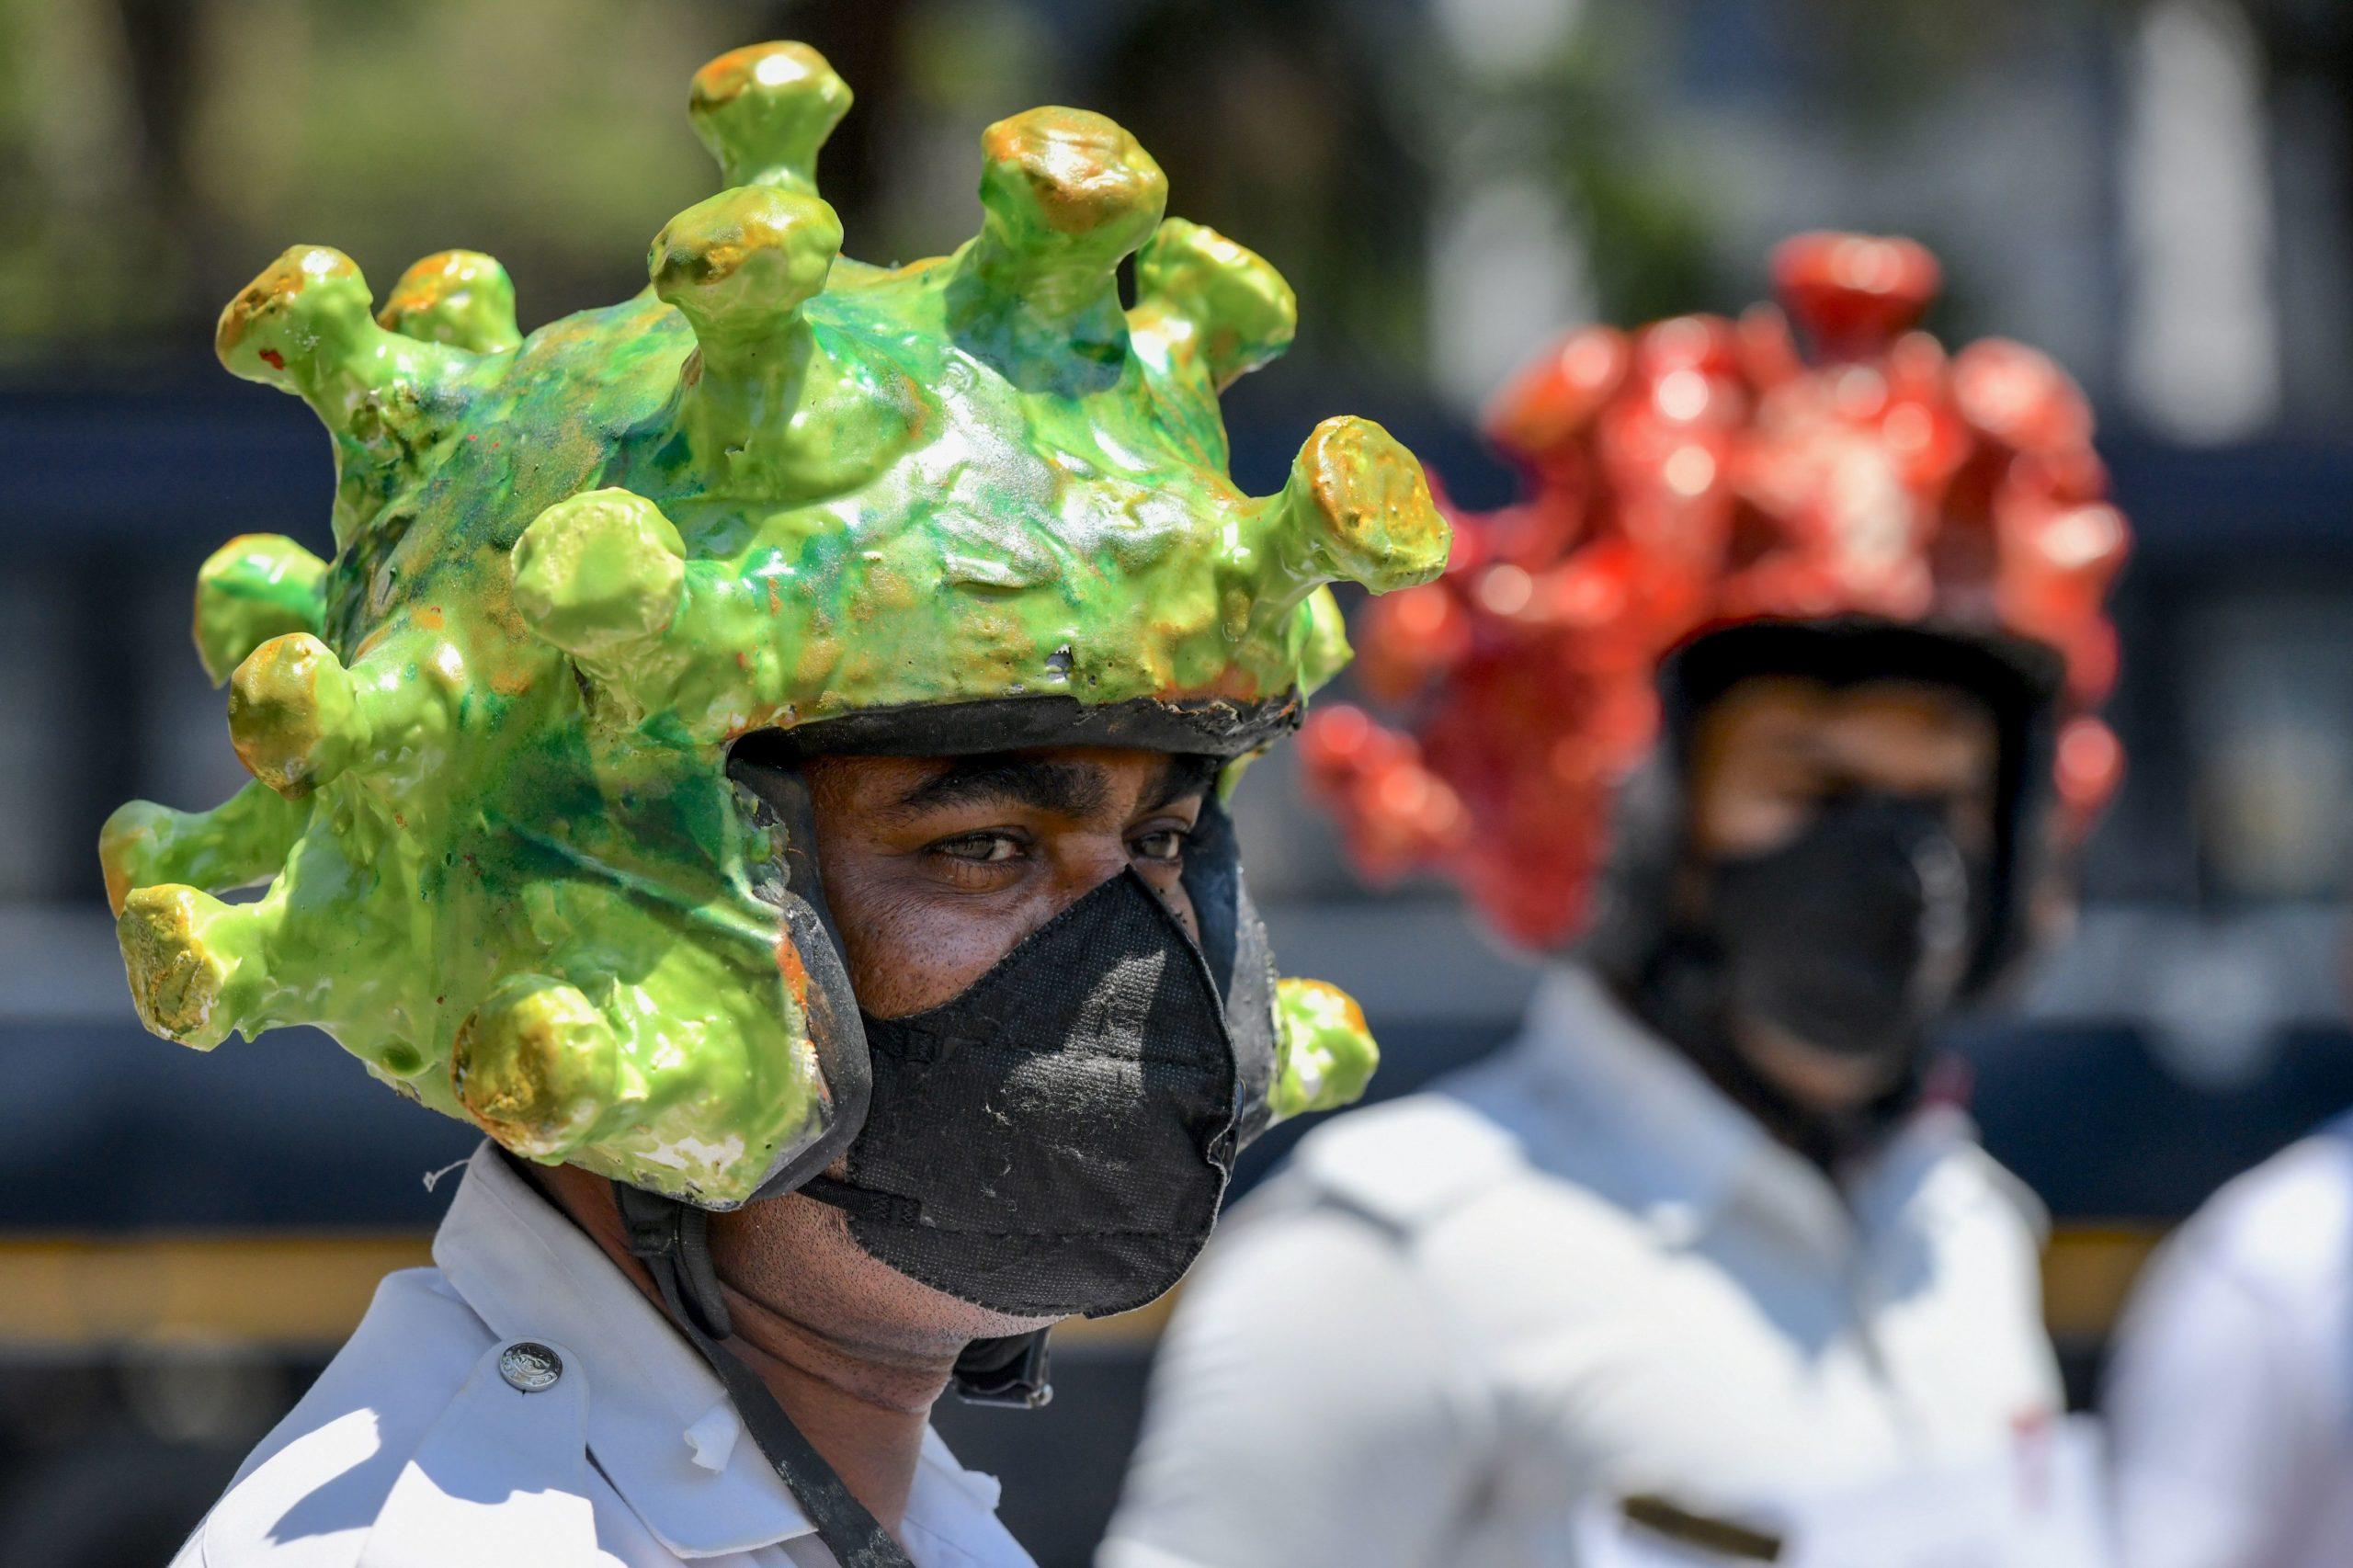 Em Bangalore, policiais de trânsito usam o capacete temático para participar de campanha para educar a população durante o lockdown imposto pelo governo da Índia. Crédito: Getty Images